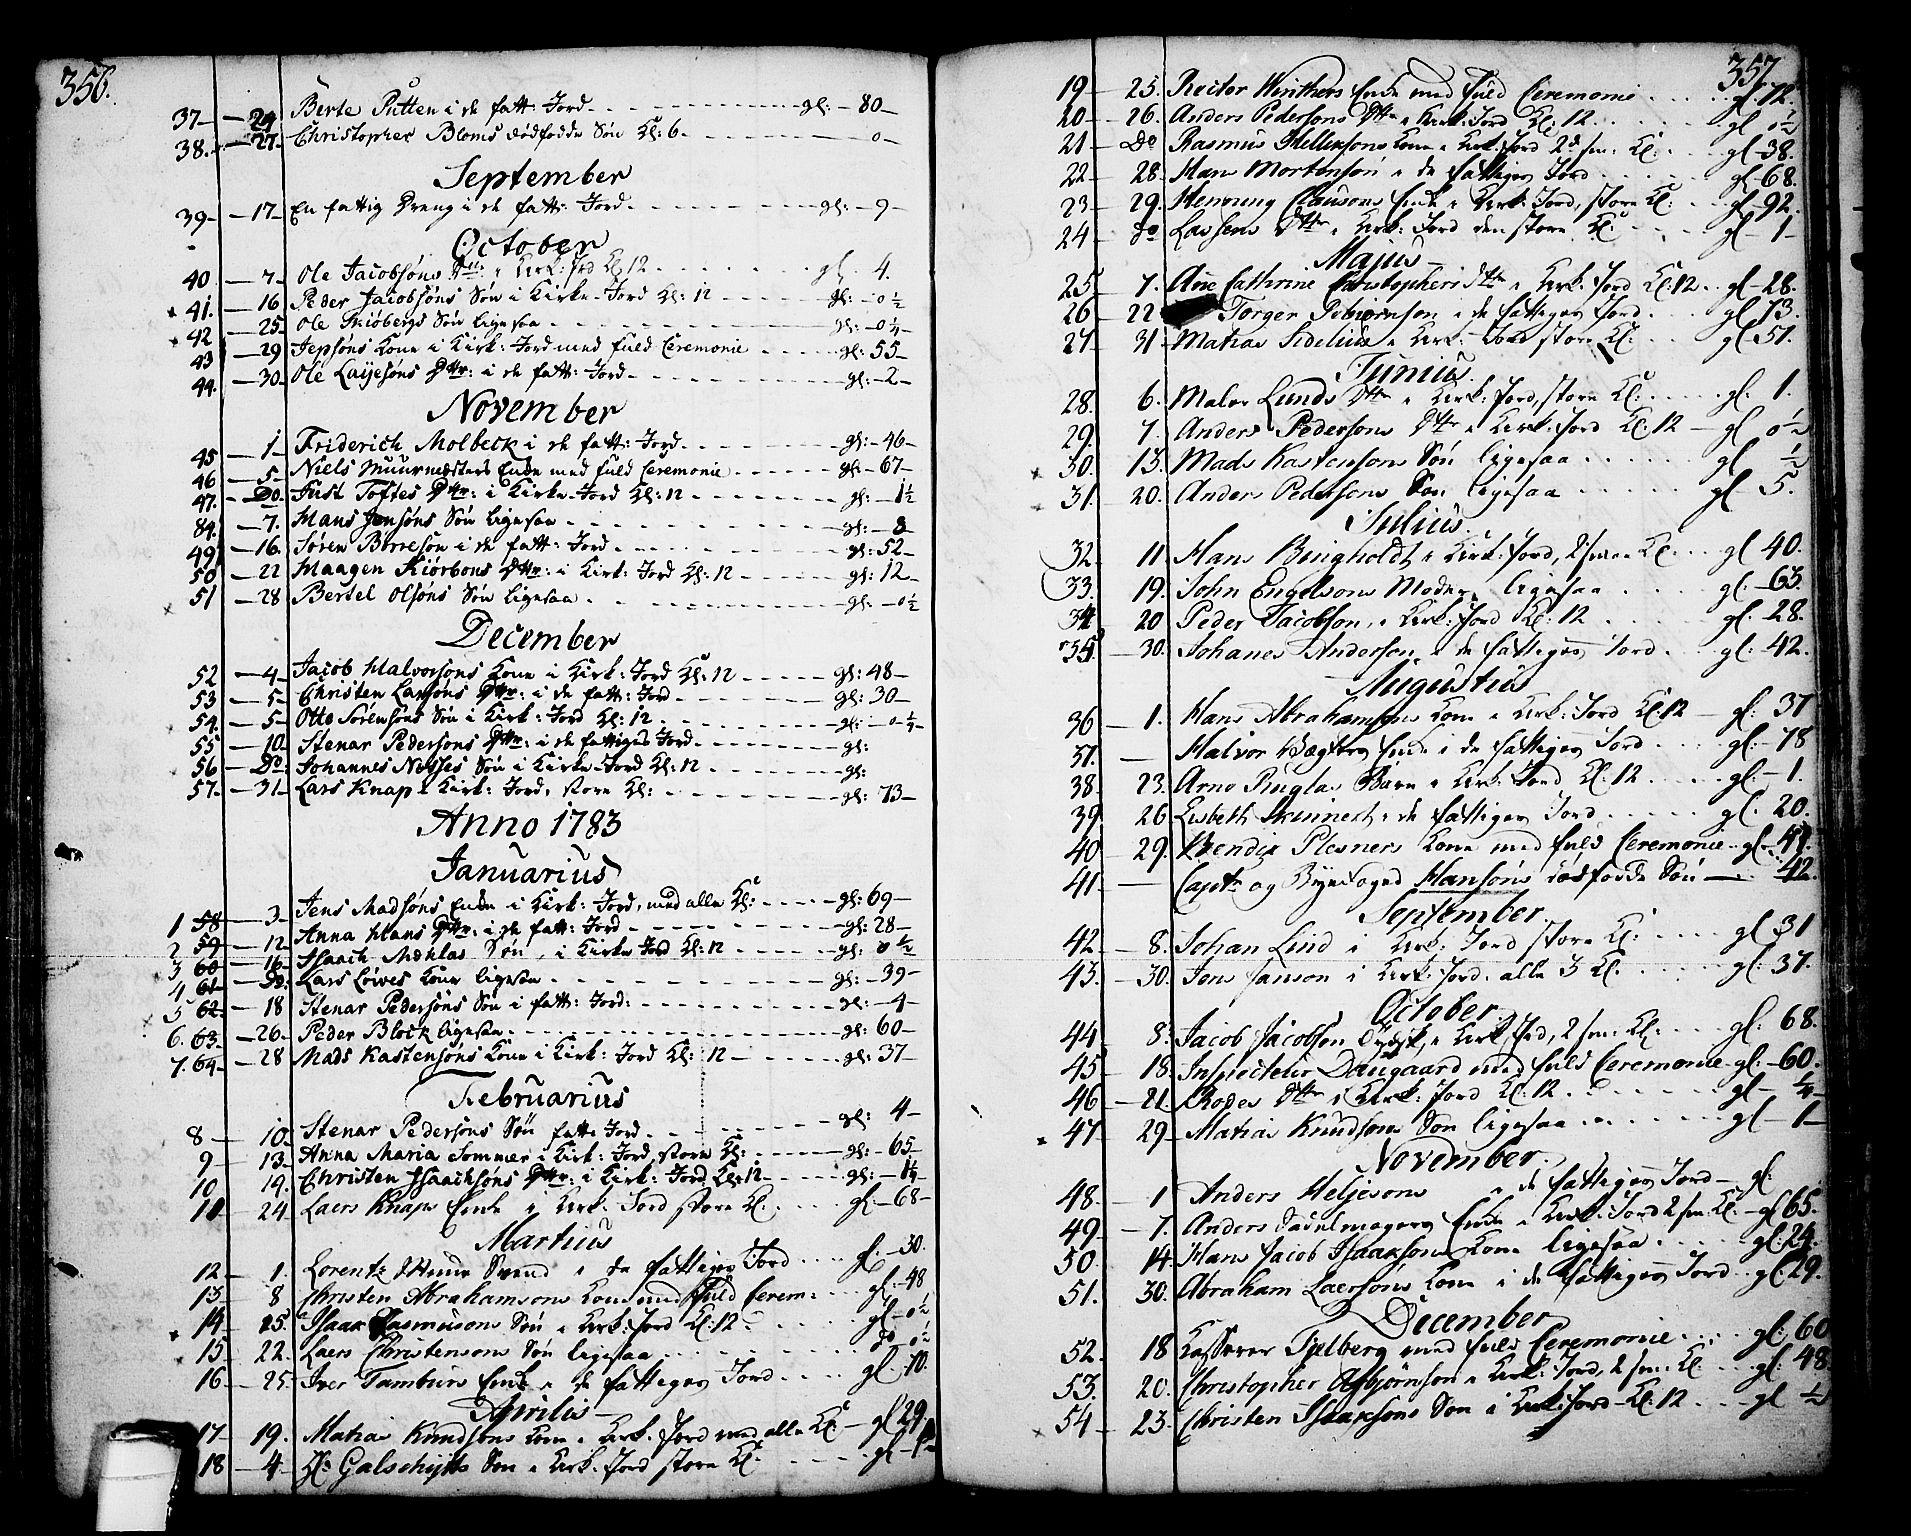 SAKO, Skien kirkebøker, F/Fa/L0003: Ministerialbok nr. 3, 1755-1791, s. 356-357